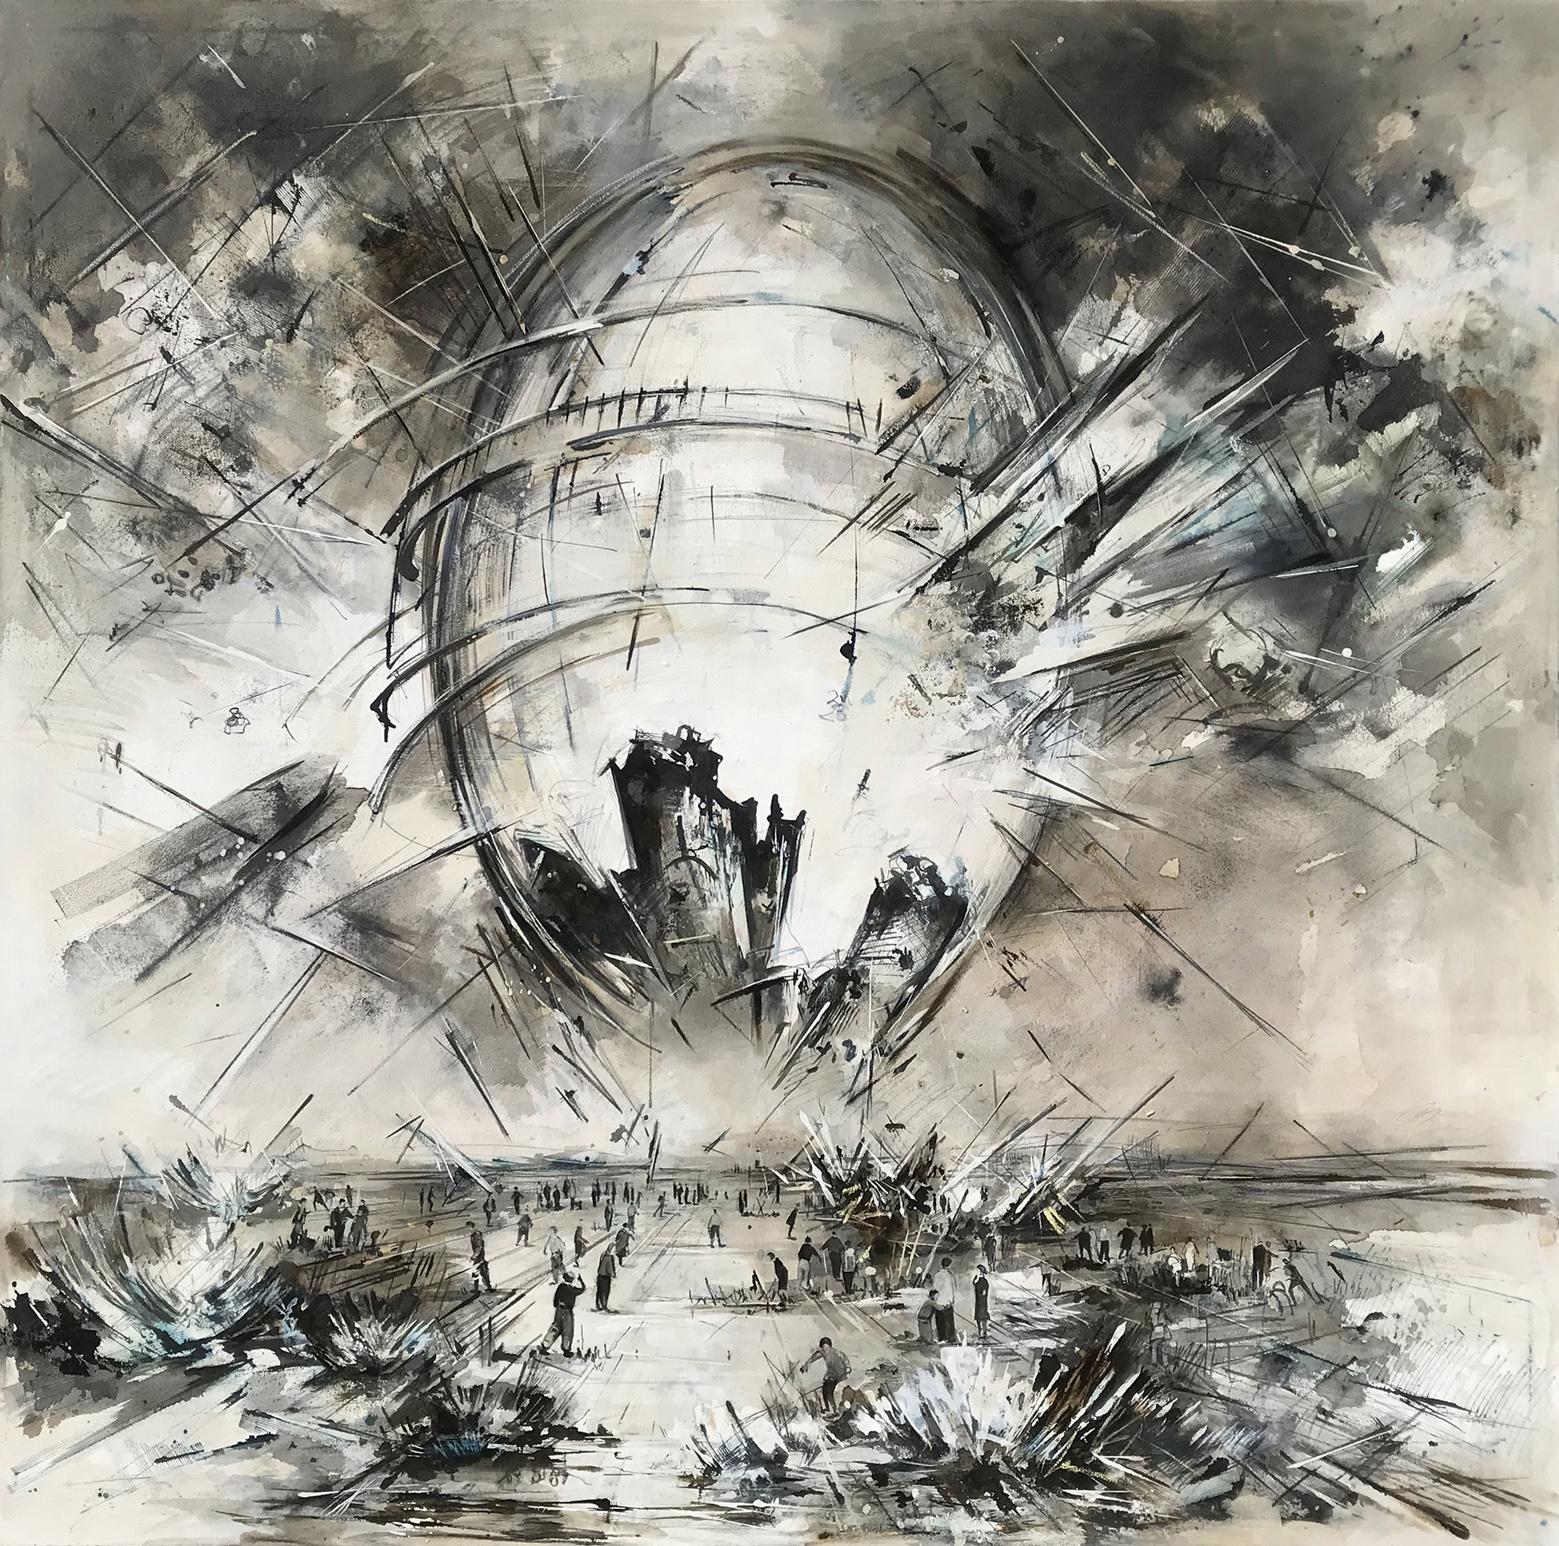 Utopia XX,180 x 180 cm, Öl auf Leinwand,  2019